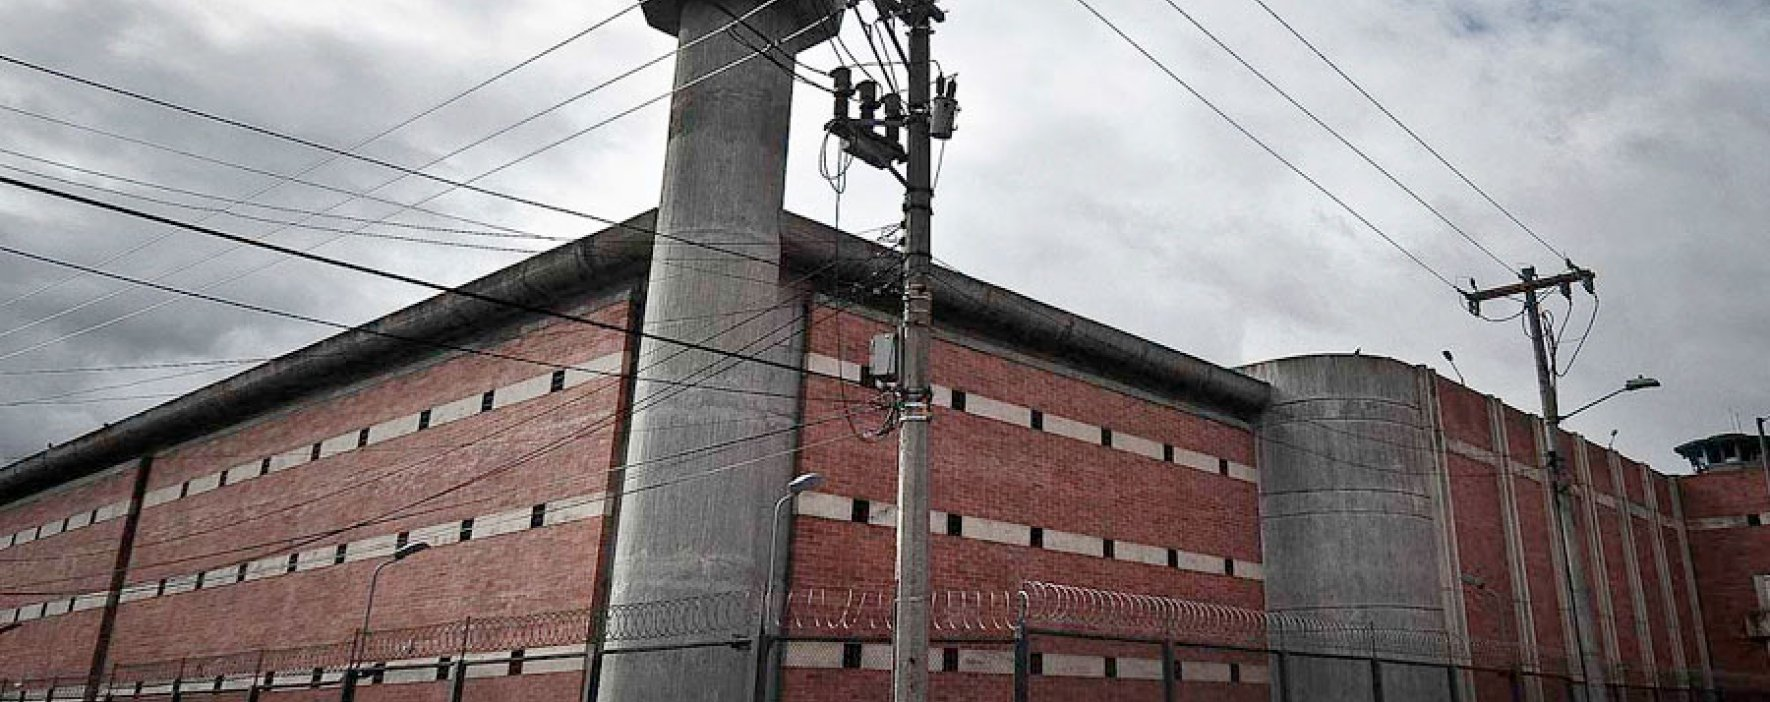 MinJusticia presentó plan para transformación y humanización de cárceles en Colombia